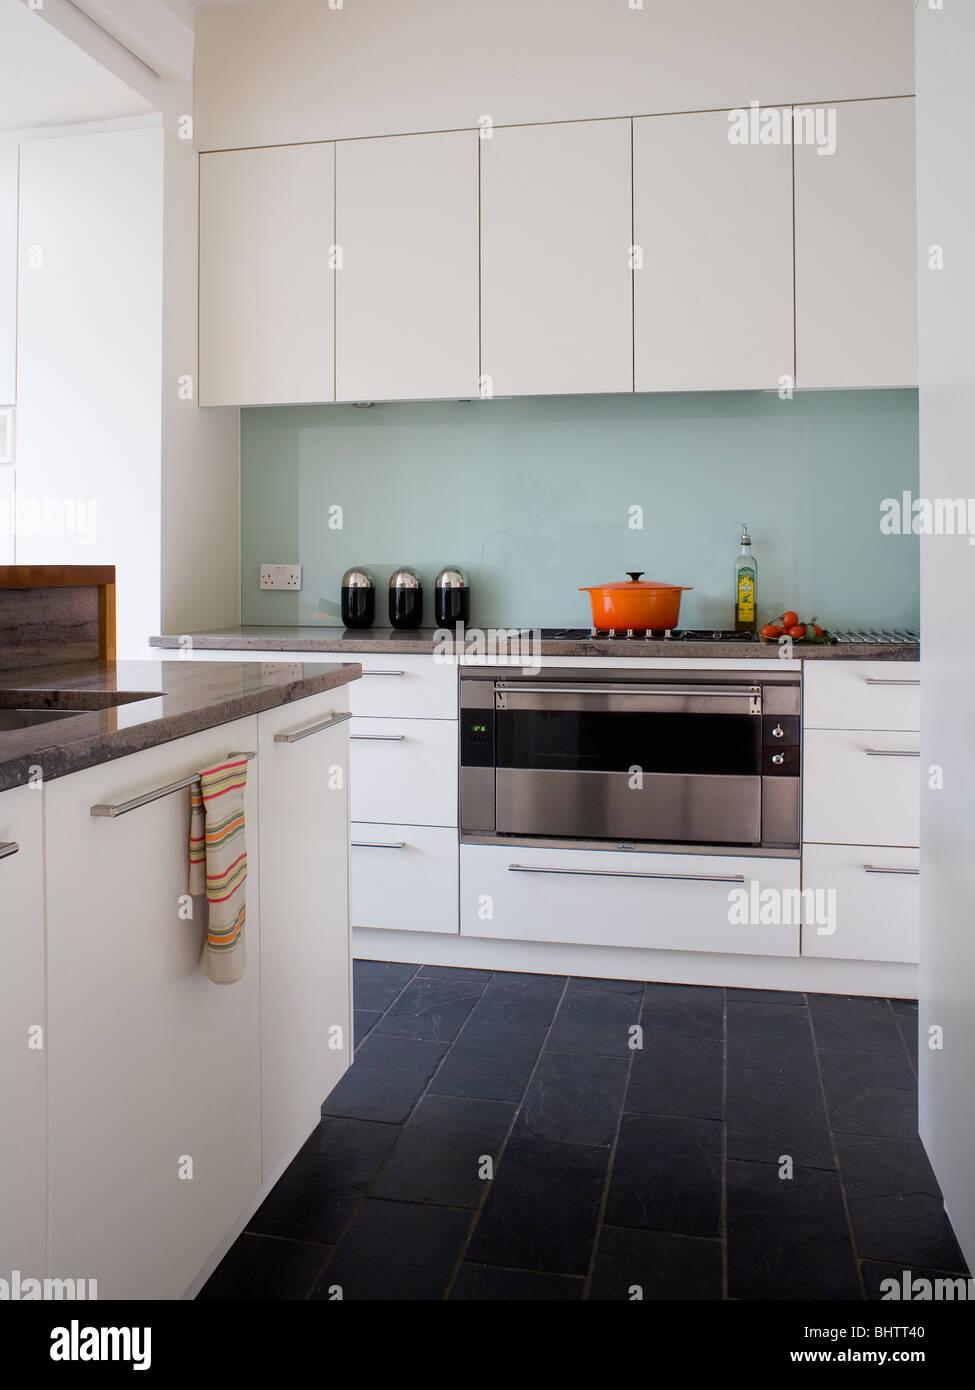 Nero le piastrelle del pavimento in una moderna cucina bianca con ...